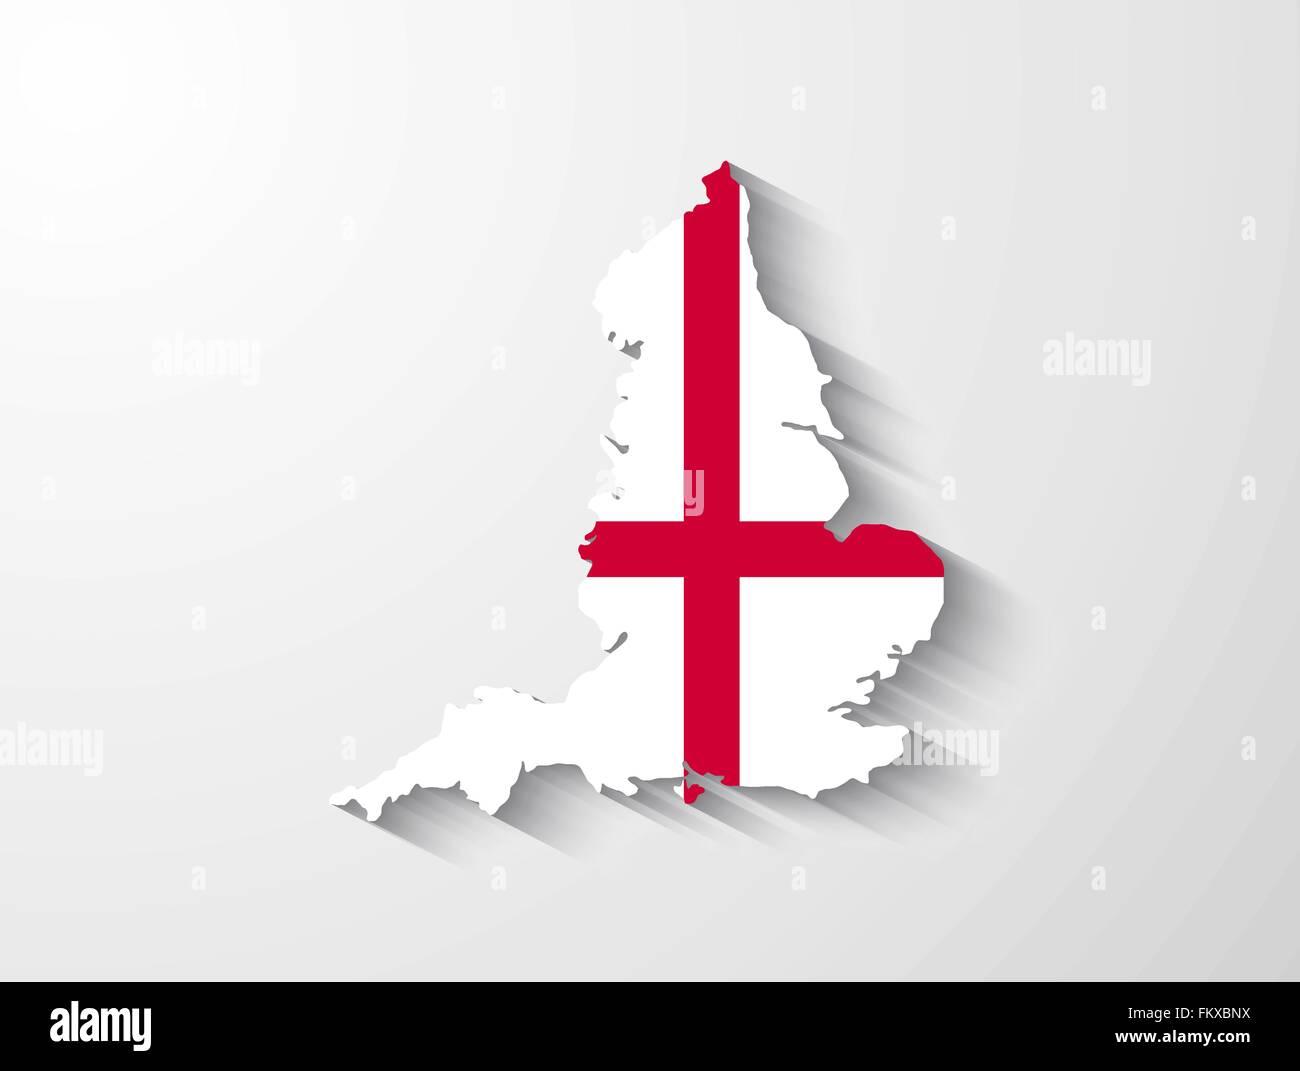 Landkarte England mit Flagge und Schatten-Effekt Vektor Abbildung ...